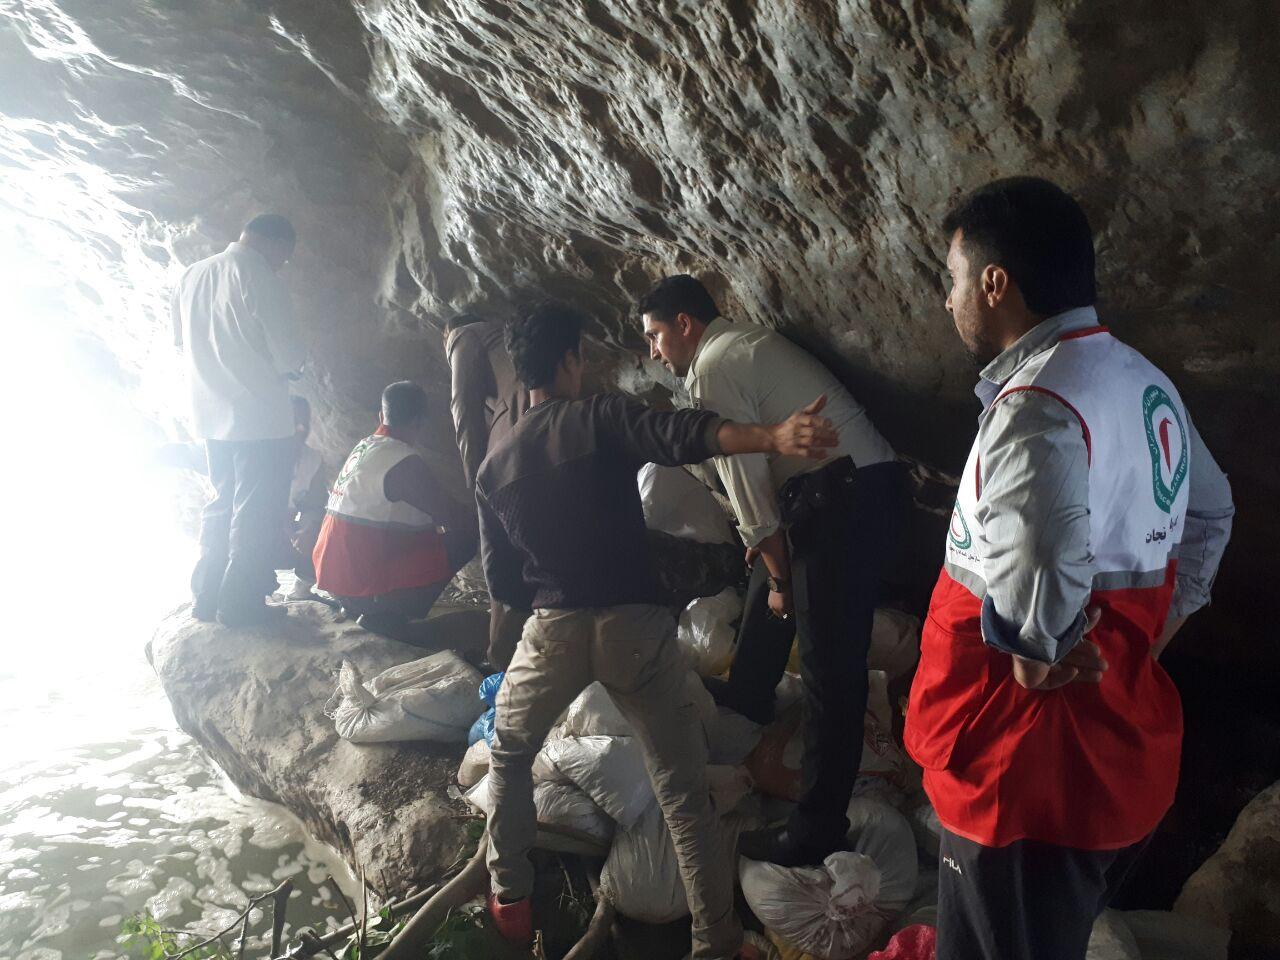 کشف جسد جوان غرقشده در رودخانه پلرود